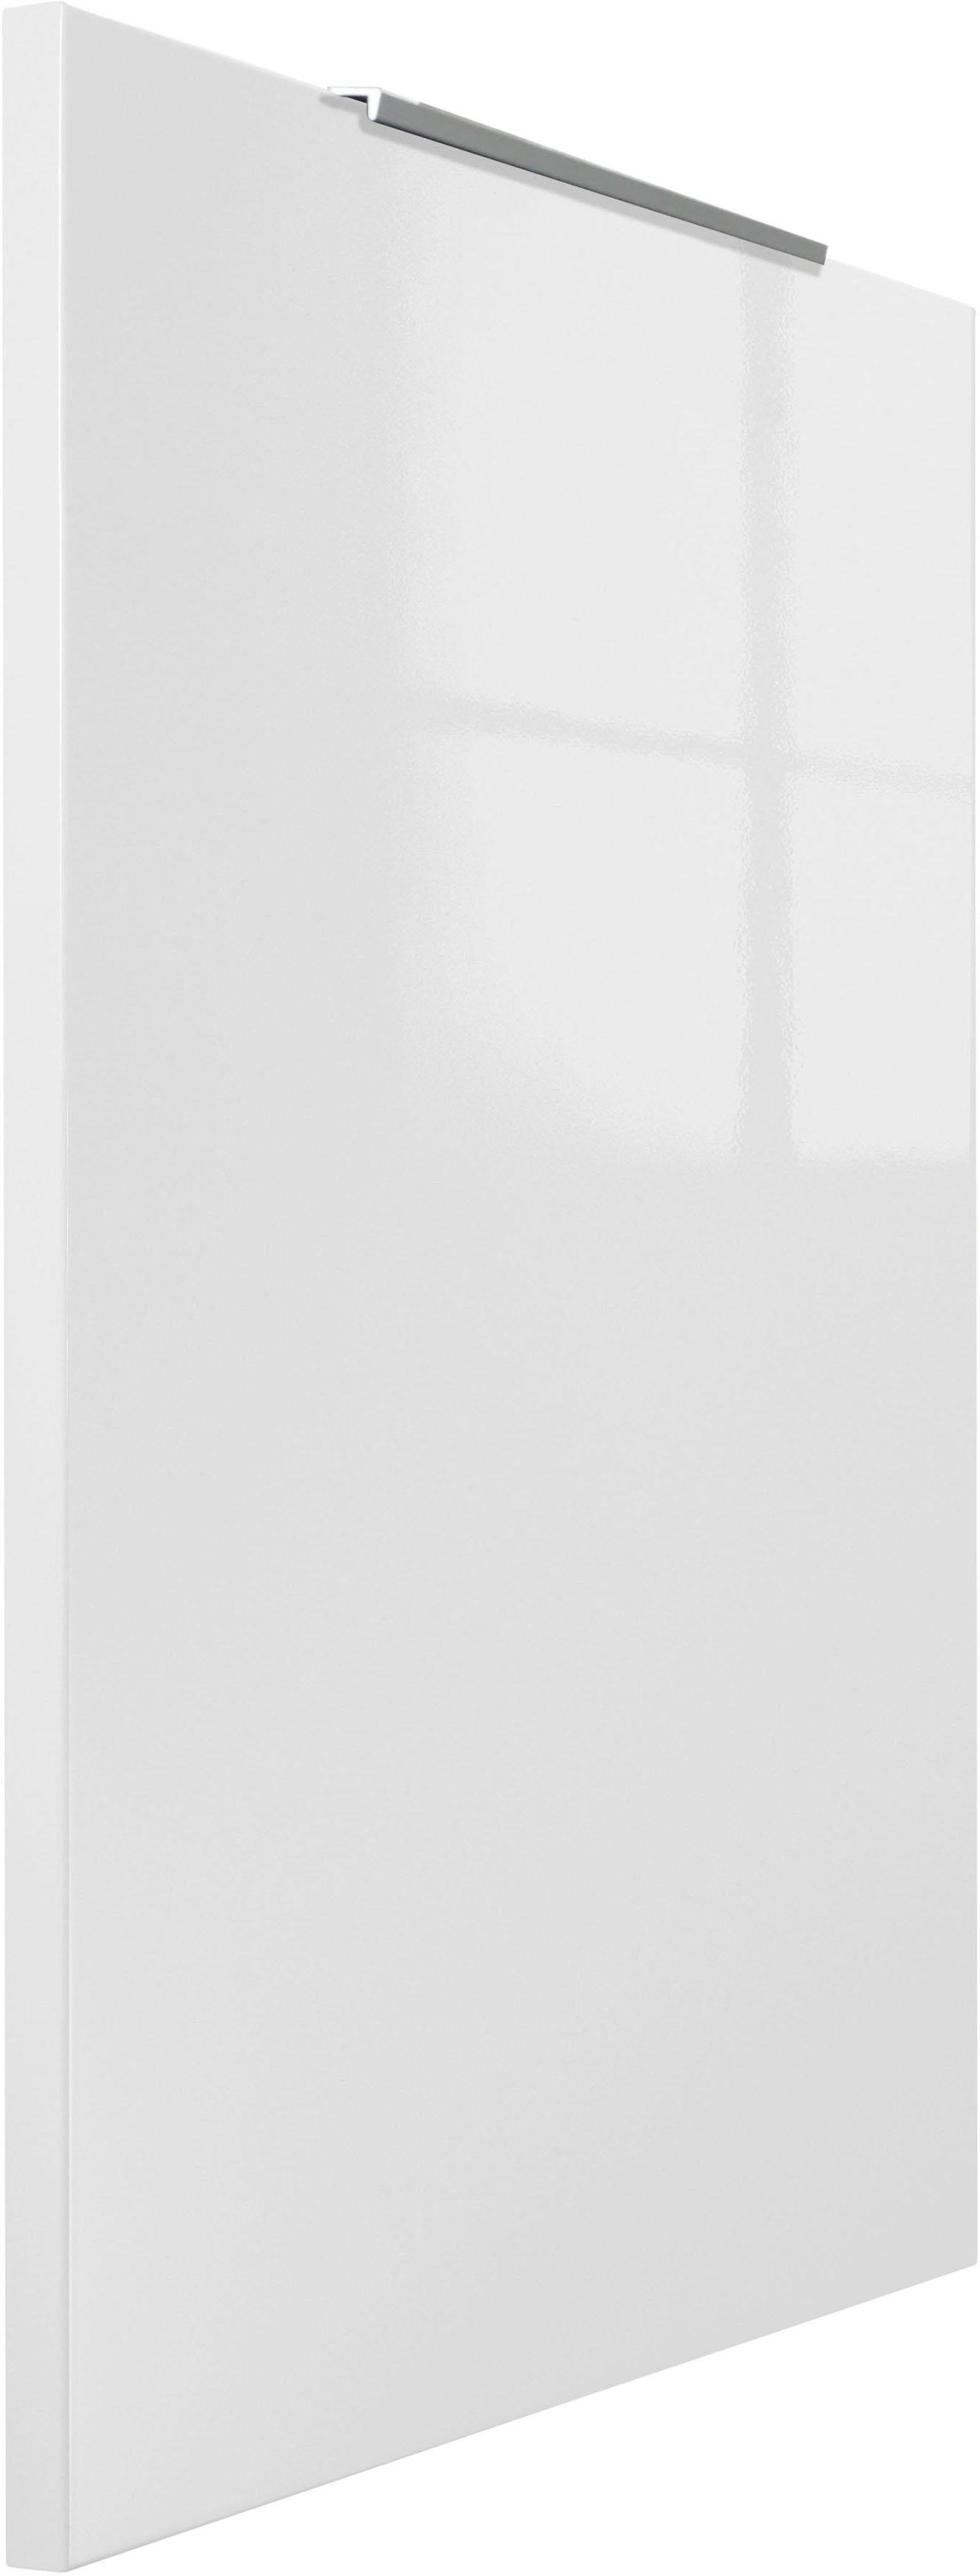 OPTIFIT Tür für volllintegierbaren Geschirrspüler Tara Breite 60 cm | Küche und Esszimmer > Küchenelektrogeräte > Gefrierschränke | Weiß | Beton - Glänzend - Melamin | Optifit